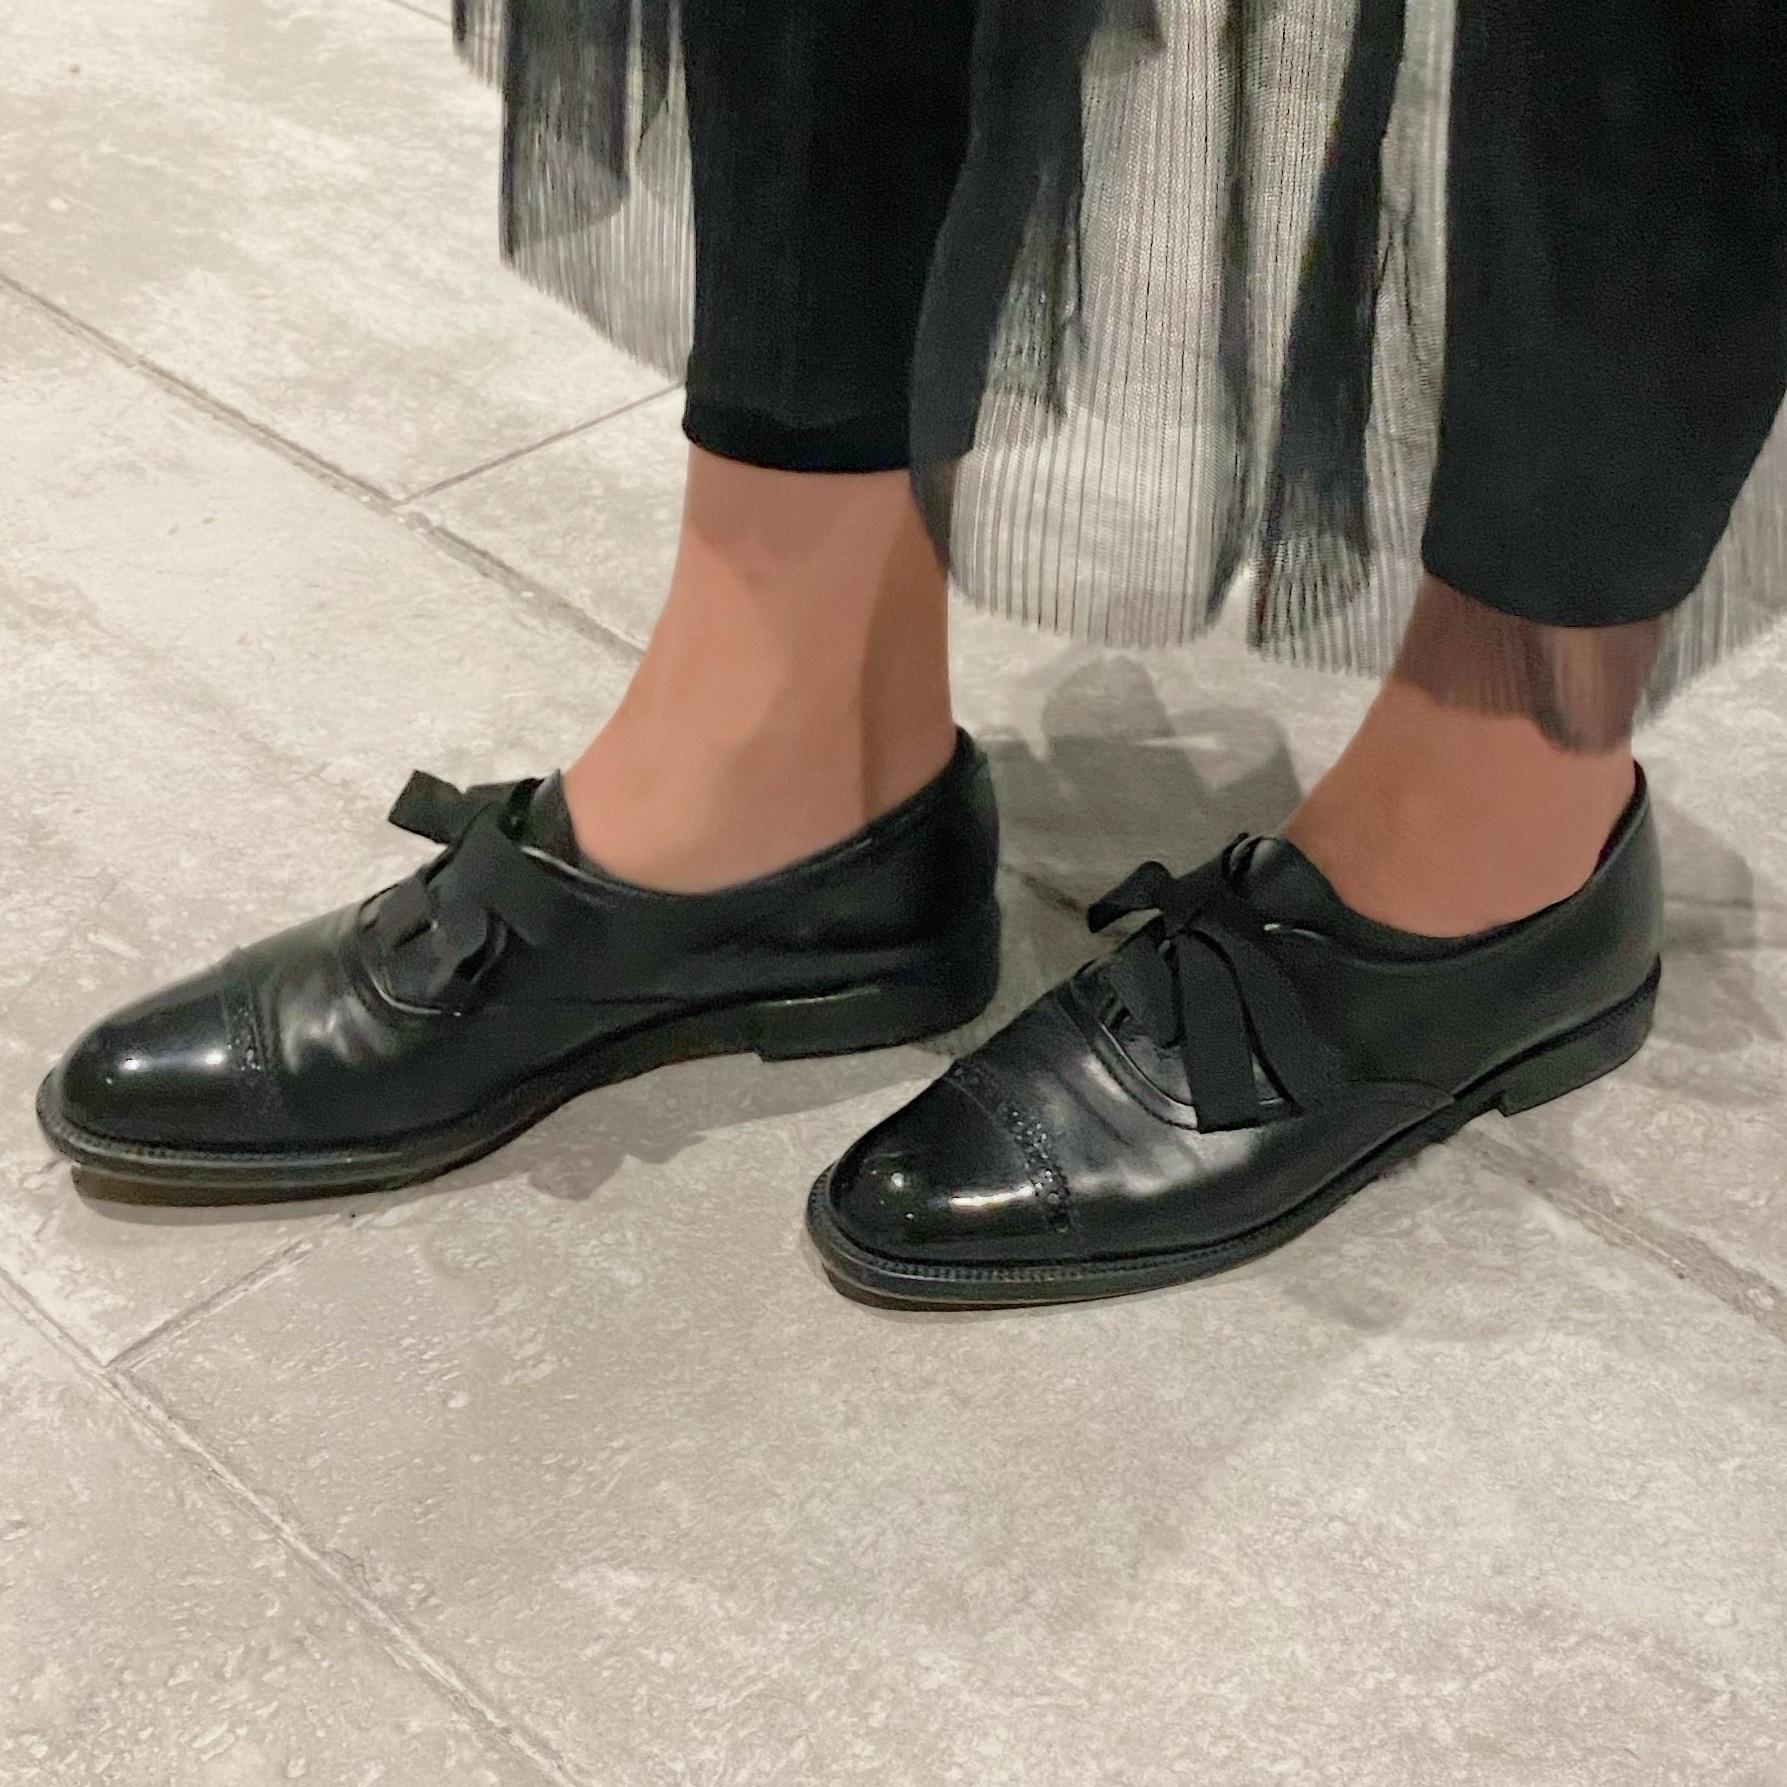 10月号特別付録のバッグと格上げフラット靴で話題のミュージカル鑑賞へ_1_3-2